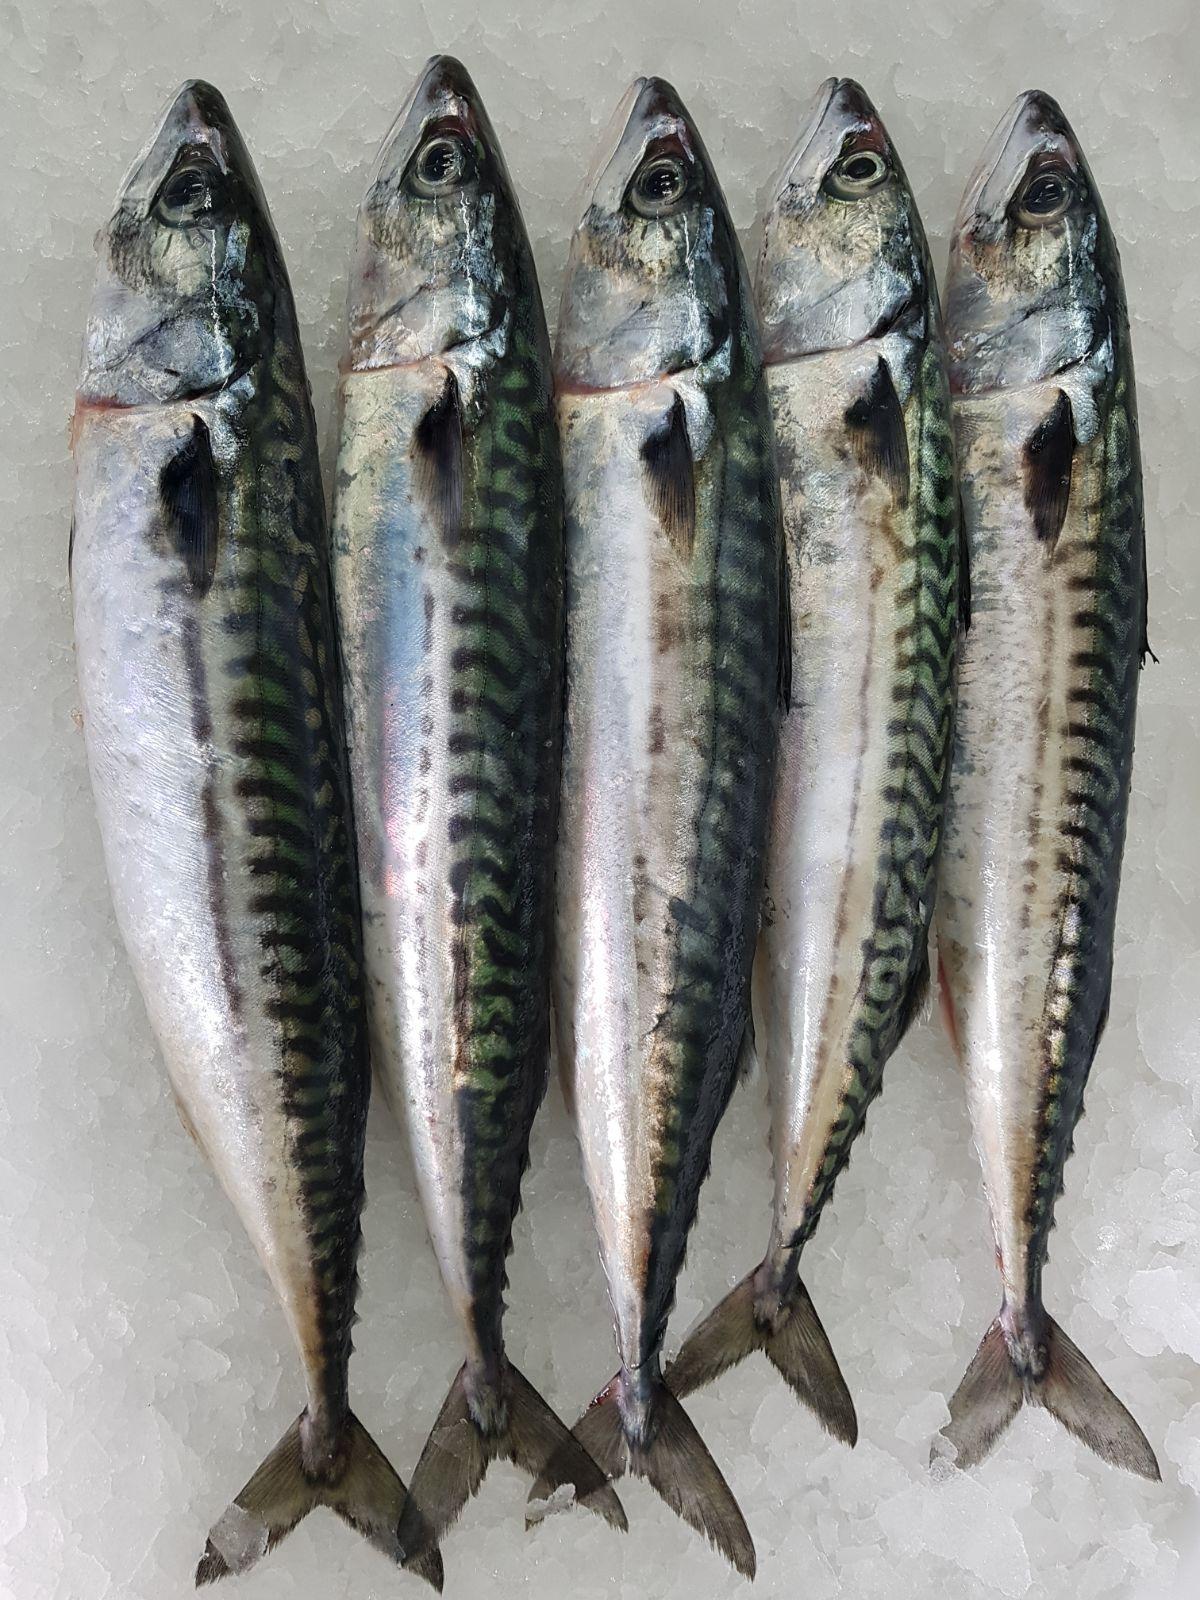 Caballa, delicioso pescado azul